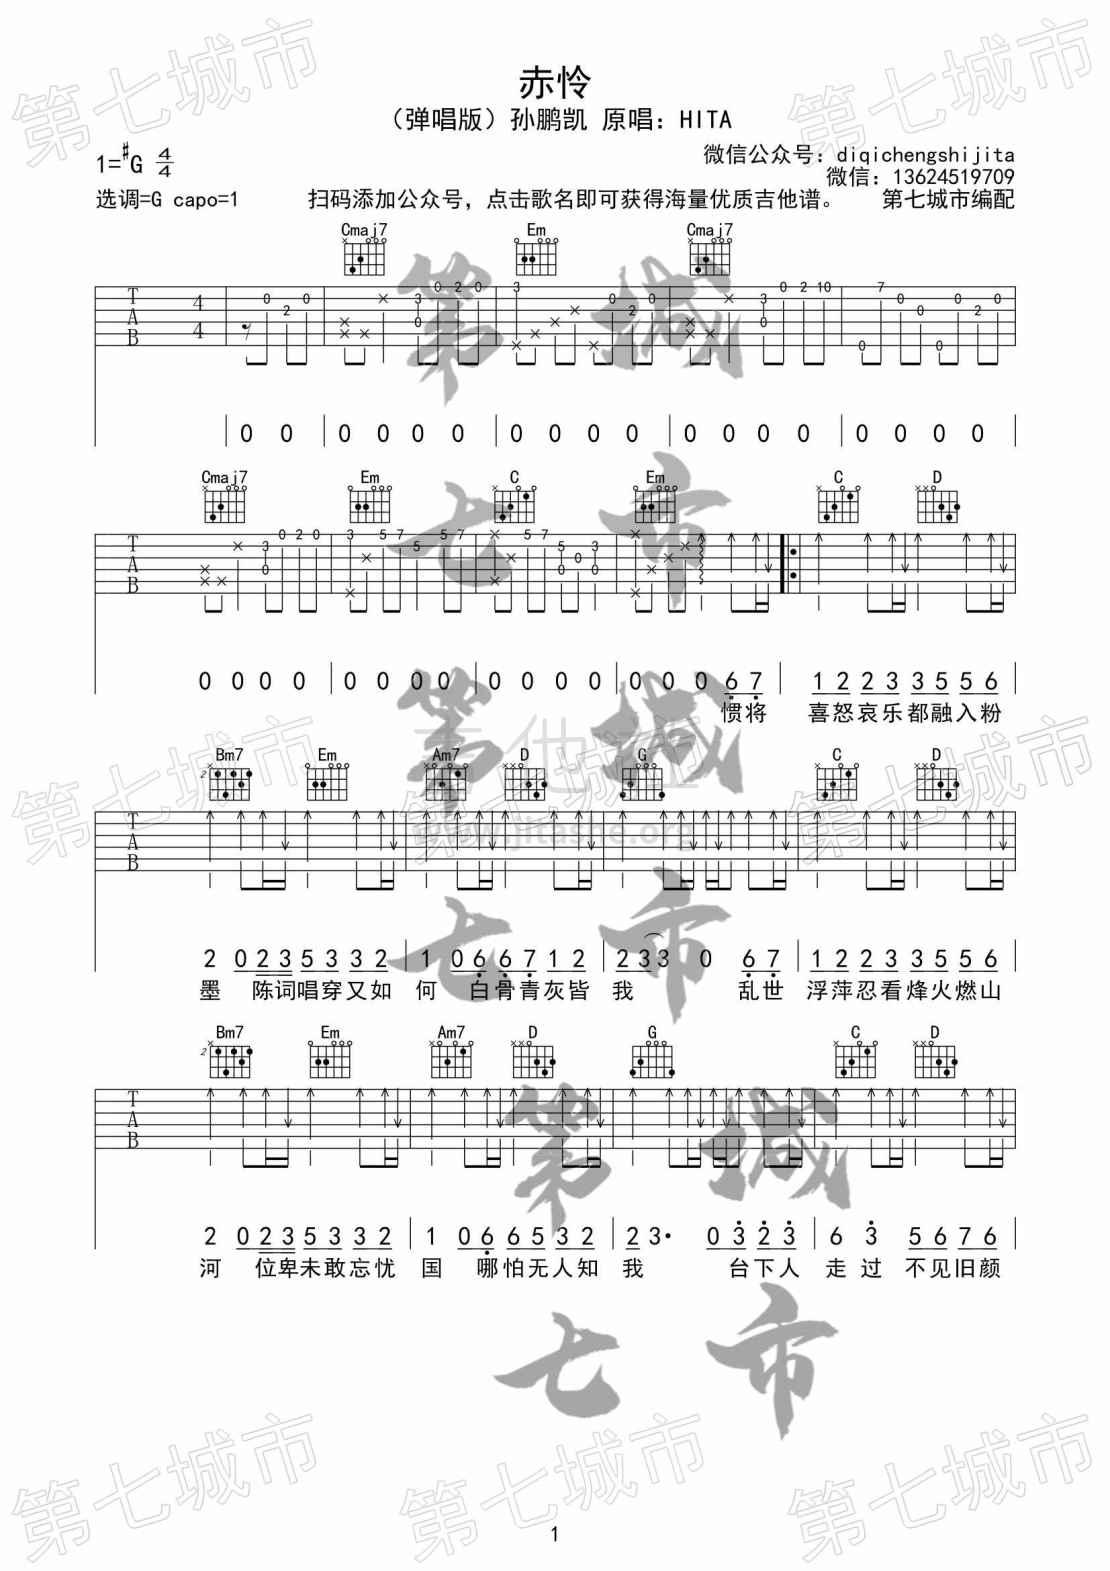 赤怜吉他谱(图片谱,赤怜,吉他谱,HITA)_HITA_赤怜水印1.jpg